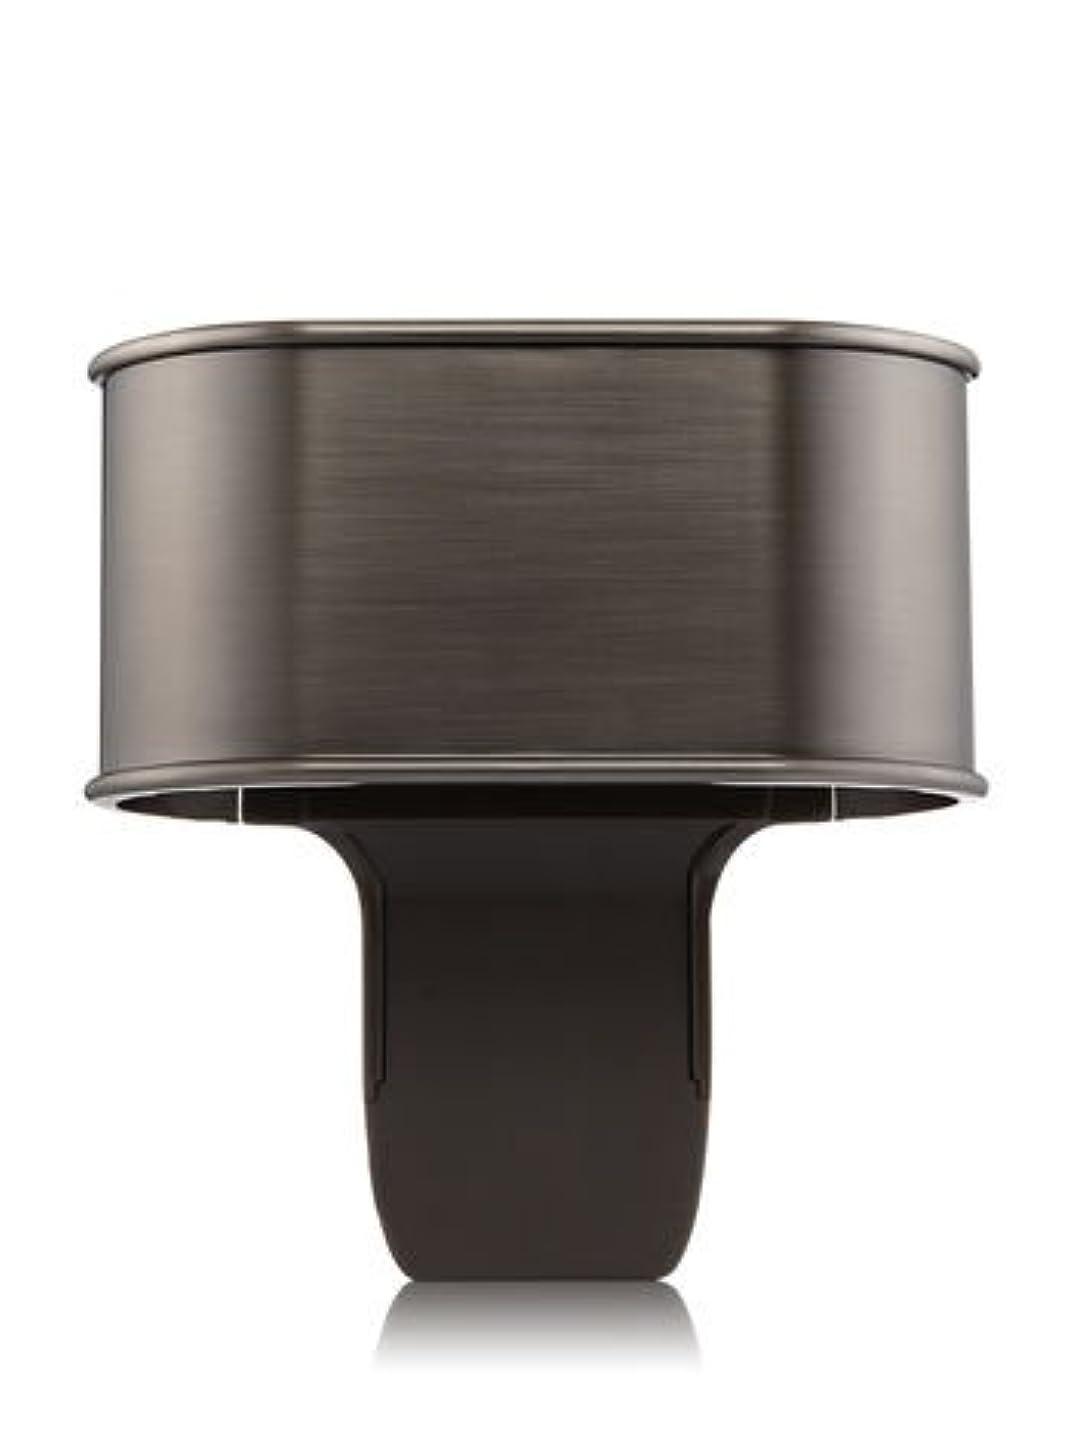 かけがえのない結婚する引き潮【Bath&Body Works/バス&ボディワークス】 ルームフレグランス プラグインスターター デュオプラグ (本体のみ) Scent Switching Wallflowers Duo Plug Brushed Faux Nickel [並行輸入品]